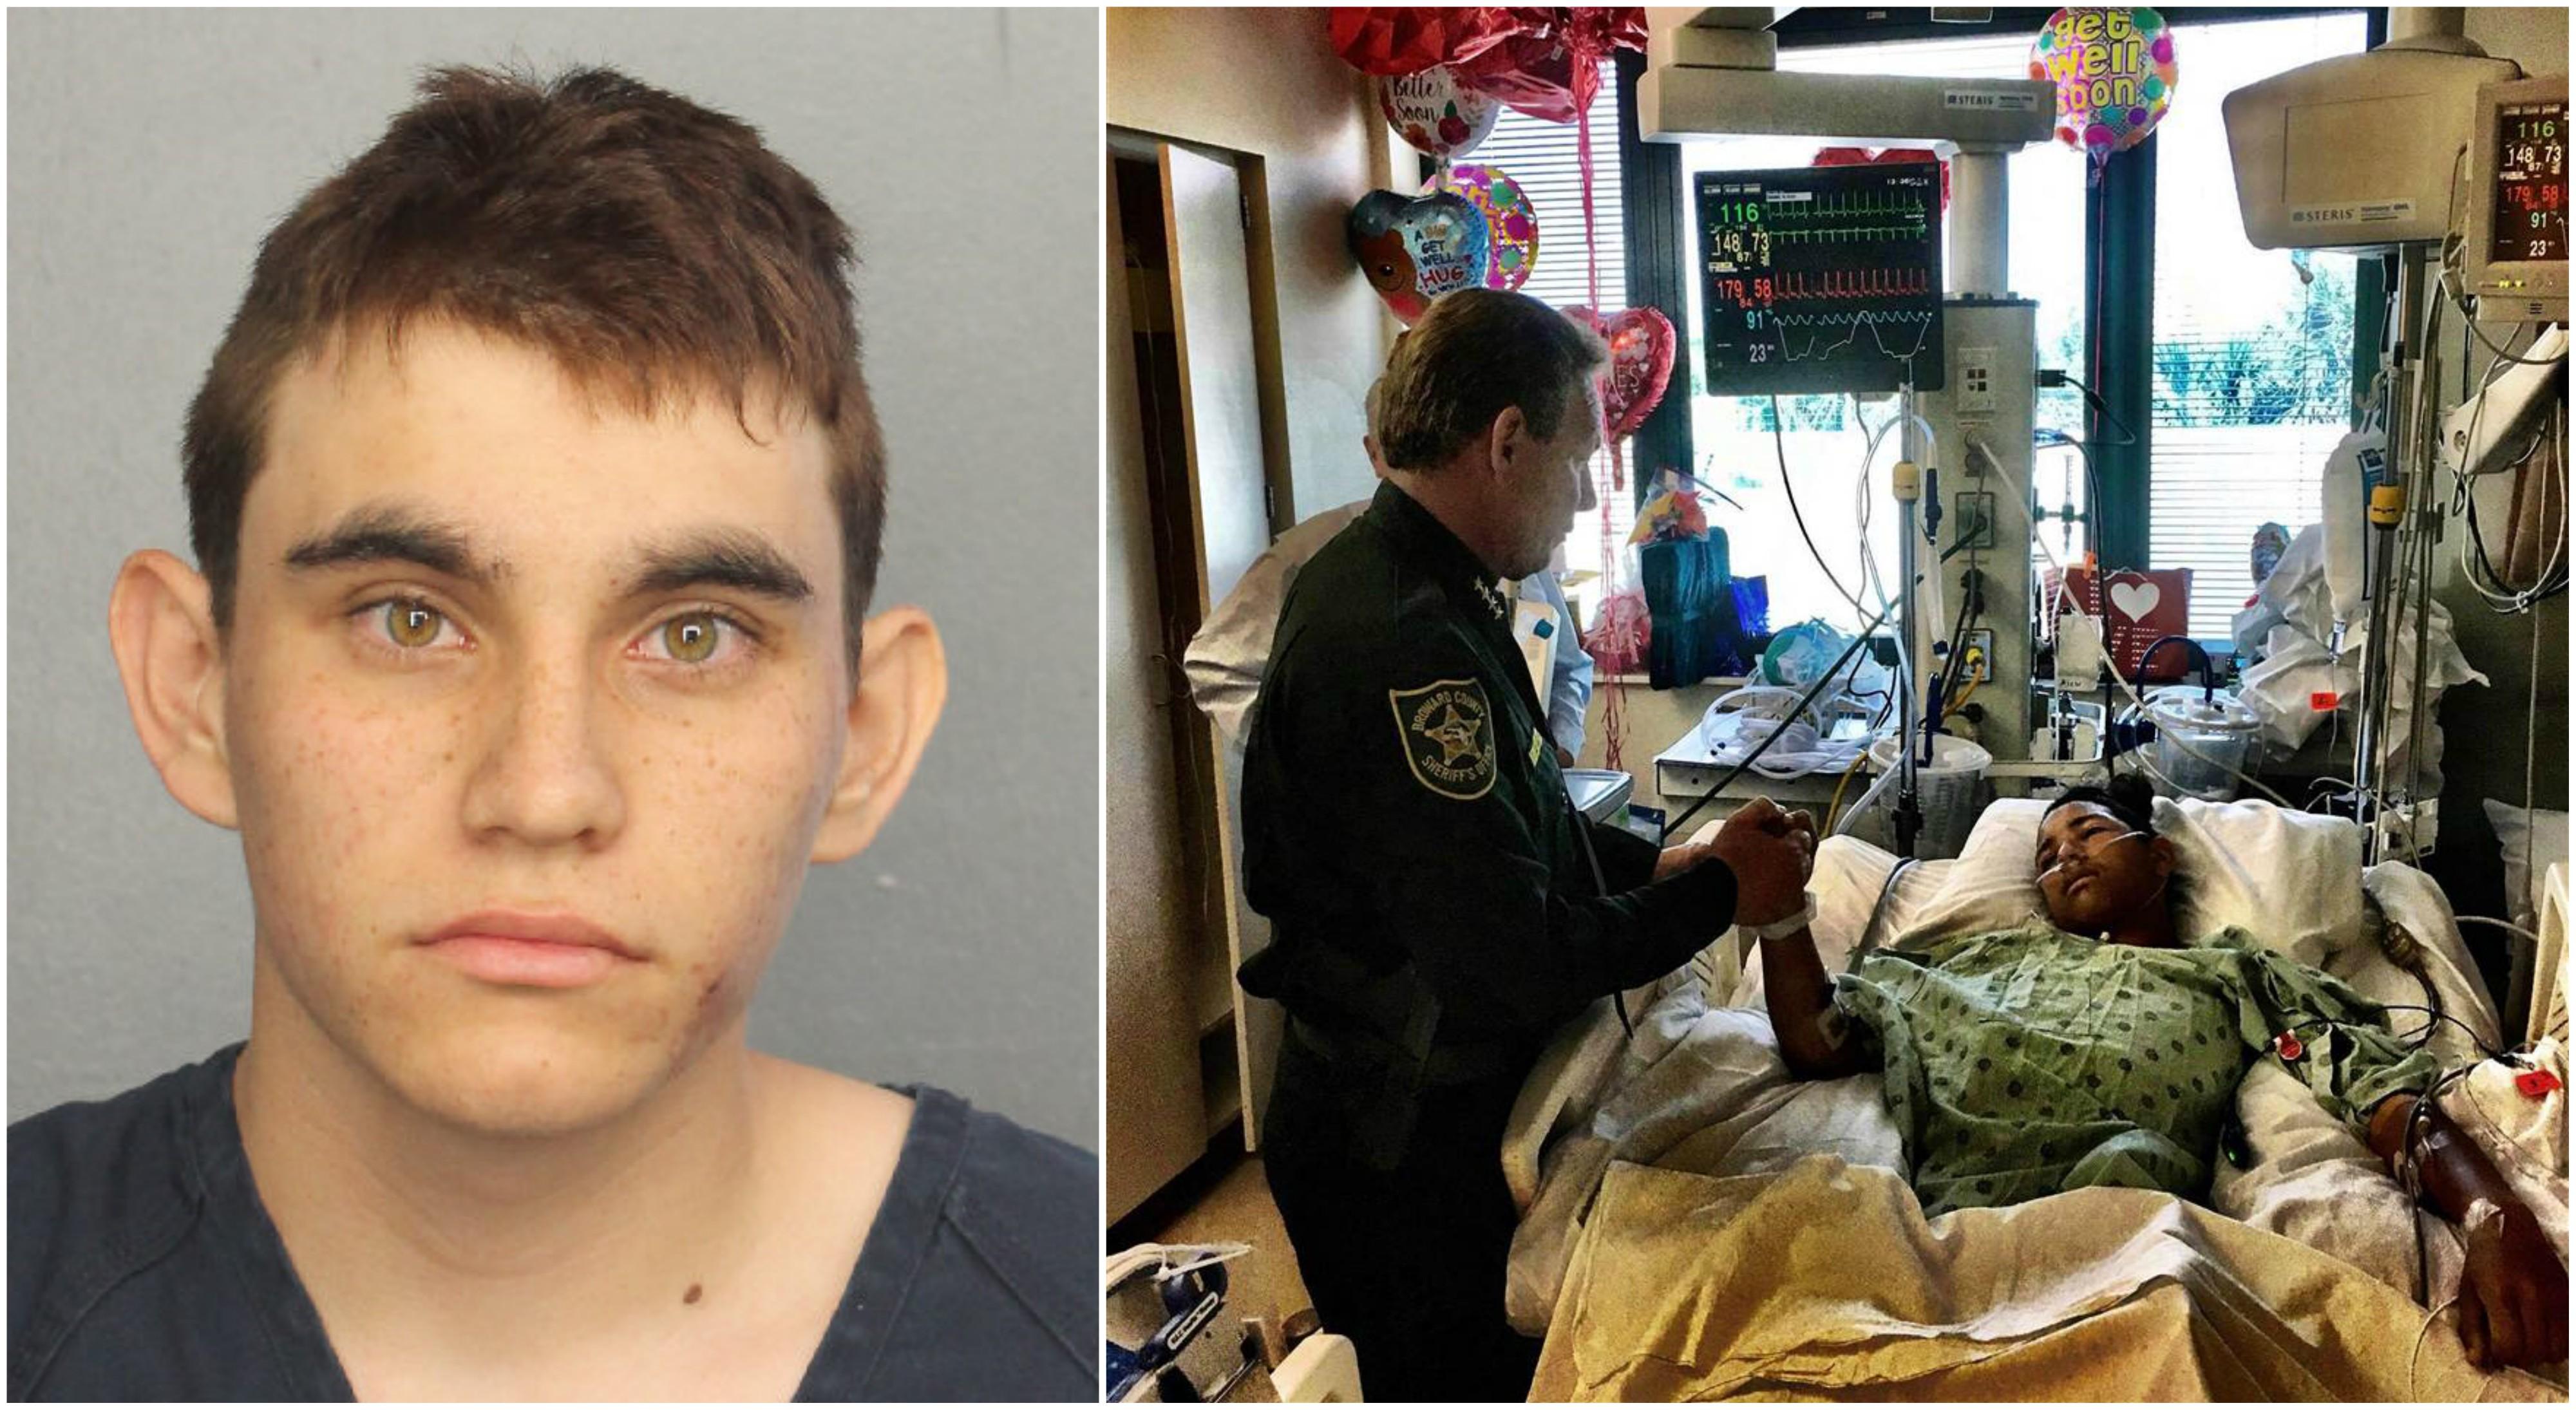 Z lewej Nicolas Cruz już po aresztowaniu. Z prawej lokalny szeryf odwiedzający jedną z ofiar strzelaniny w szpitalu (fot. Broward County Sheriff's Office, Florida / Wikimedia.org / Domena publiczna)